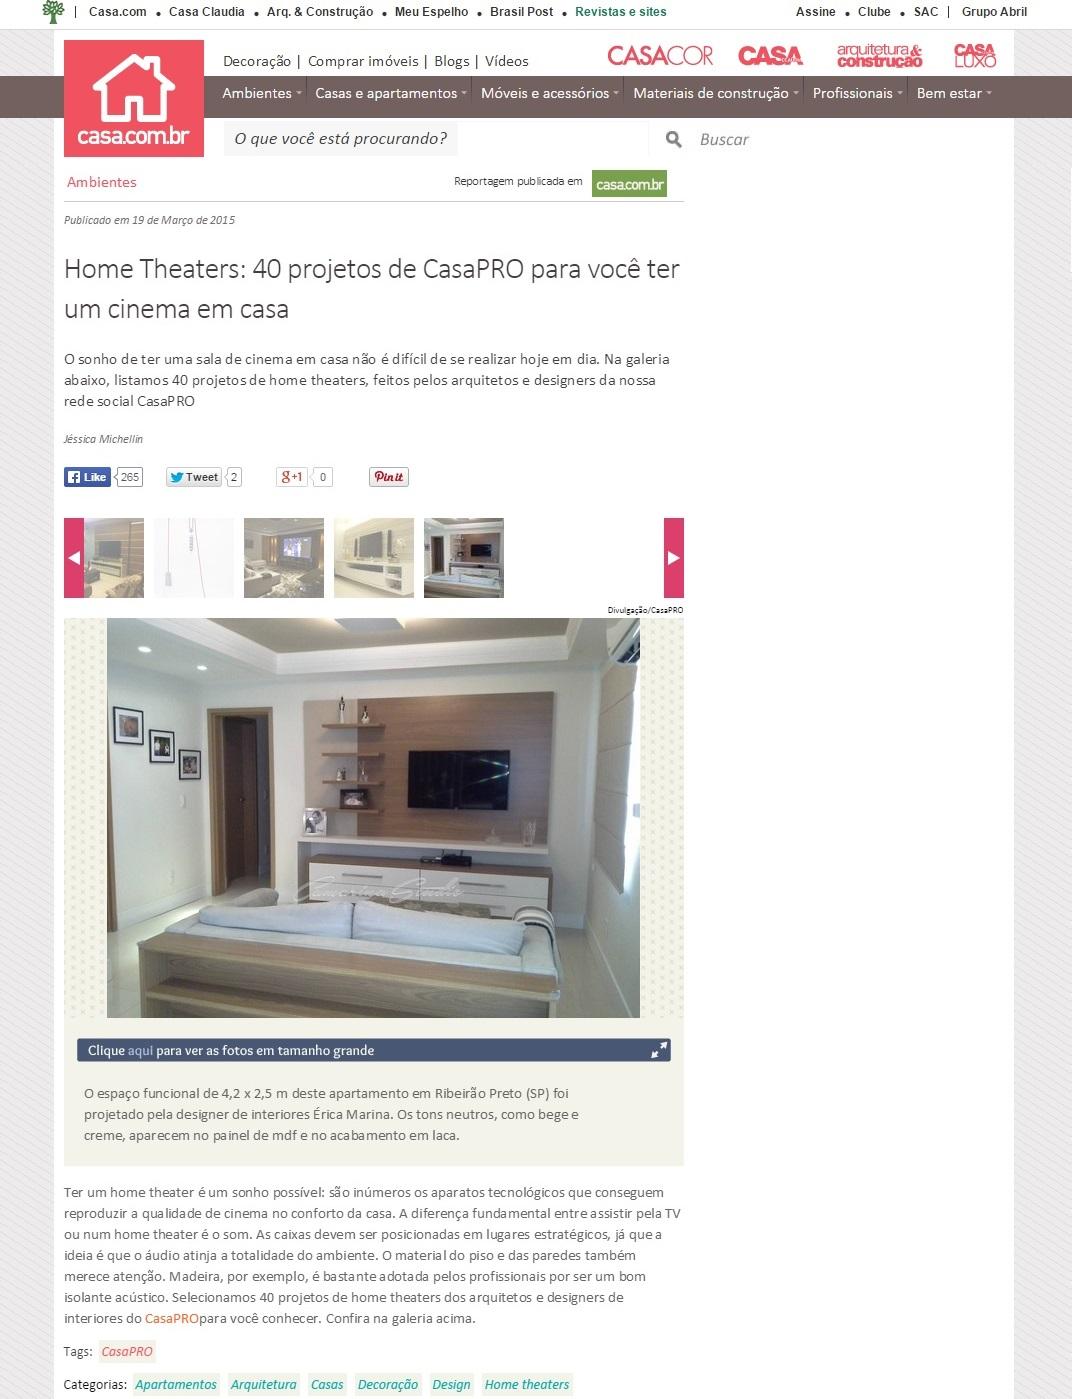 Portal Casa.com.br